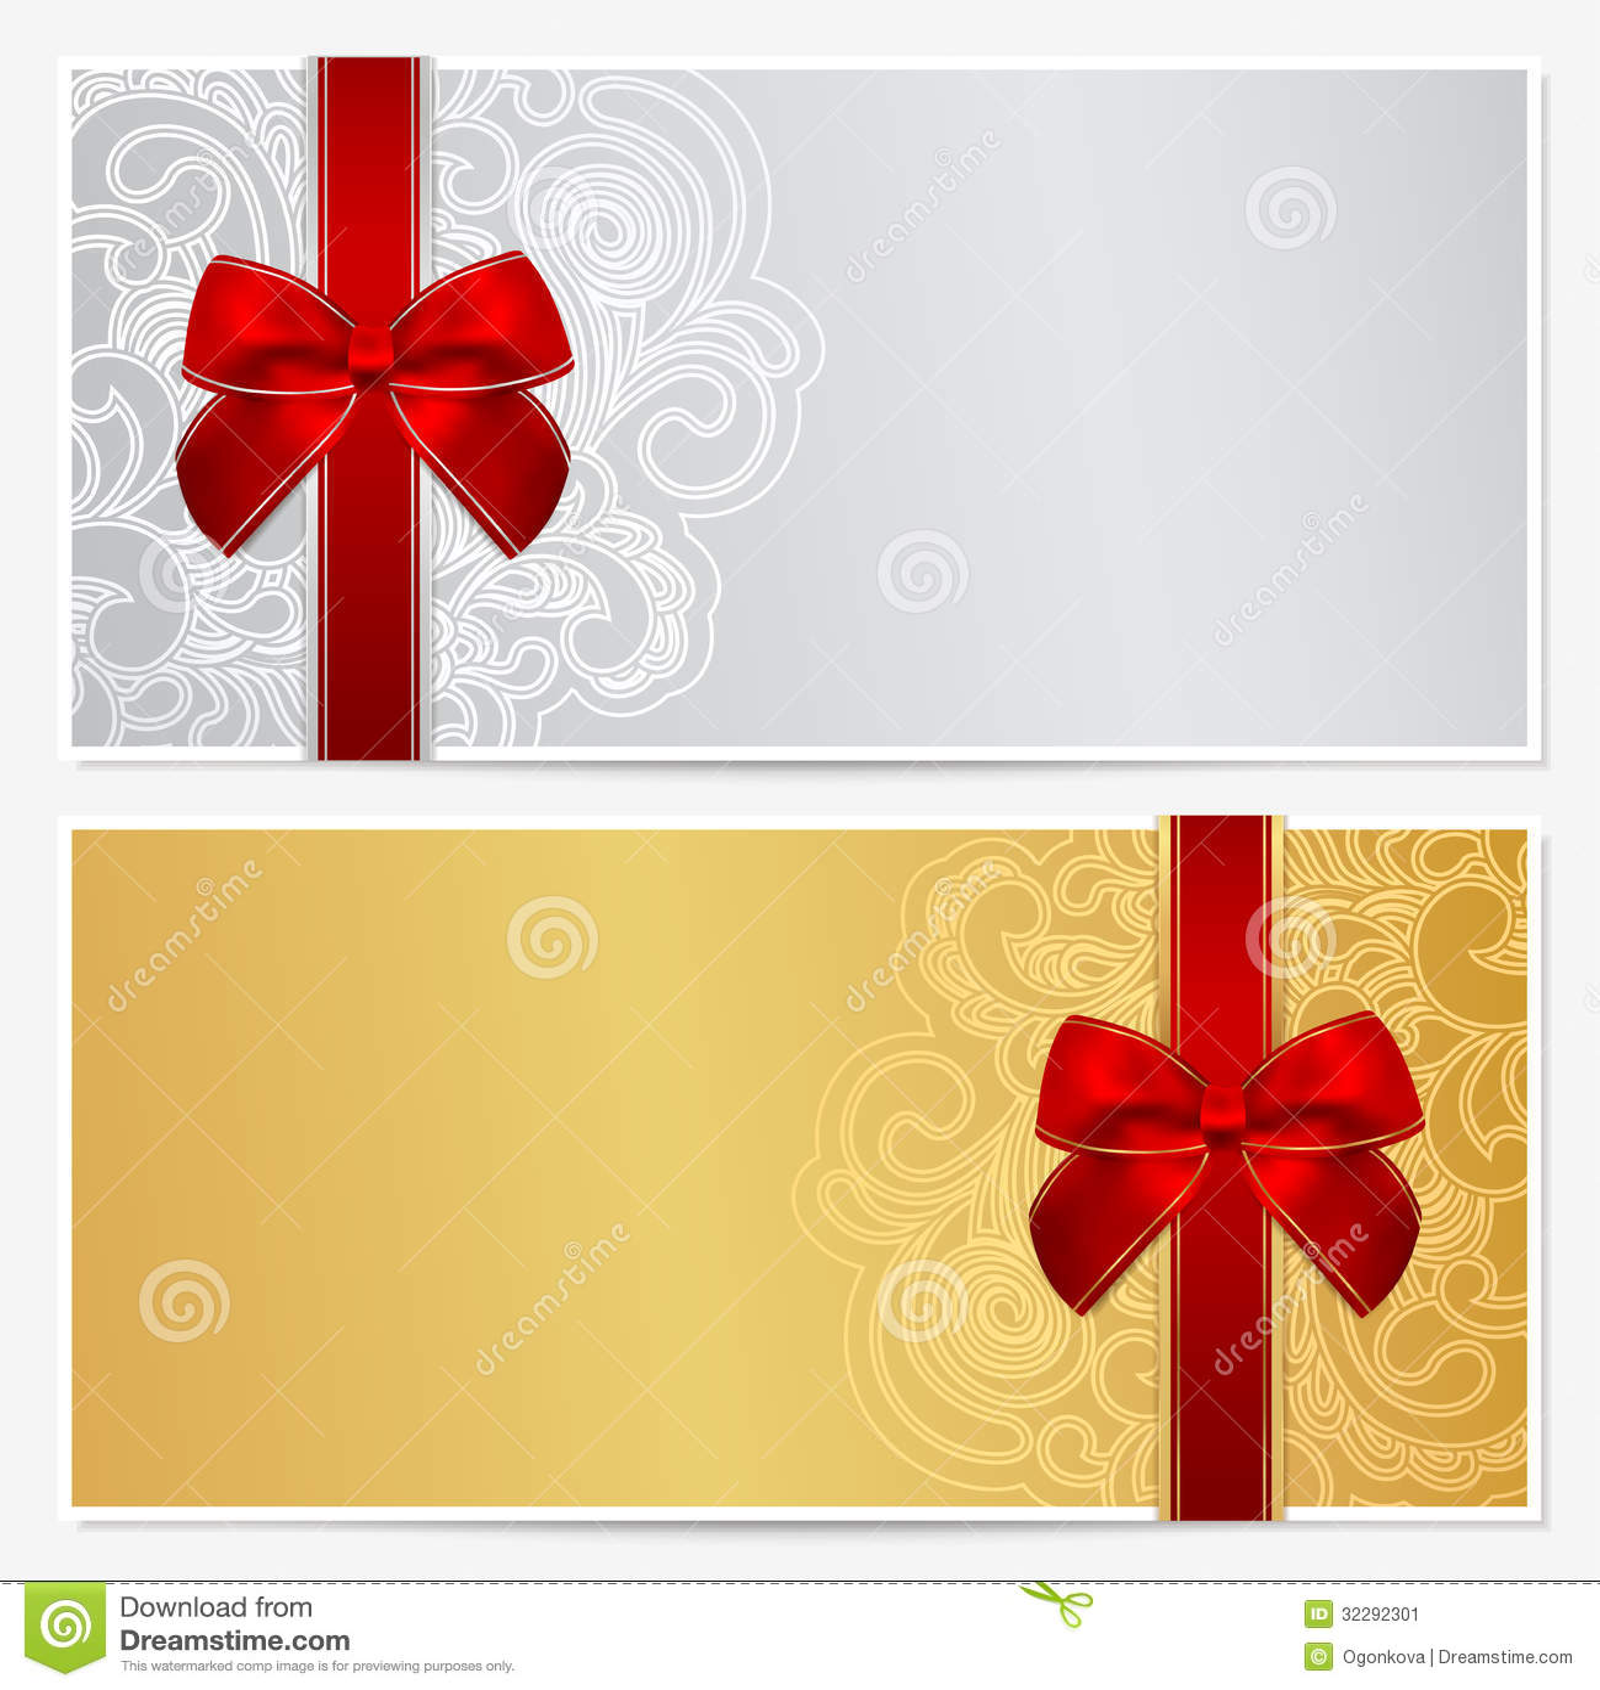 бланк подарочного сертификата образец